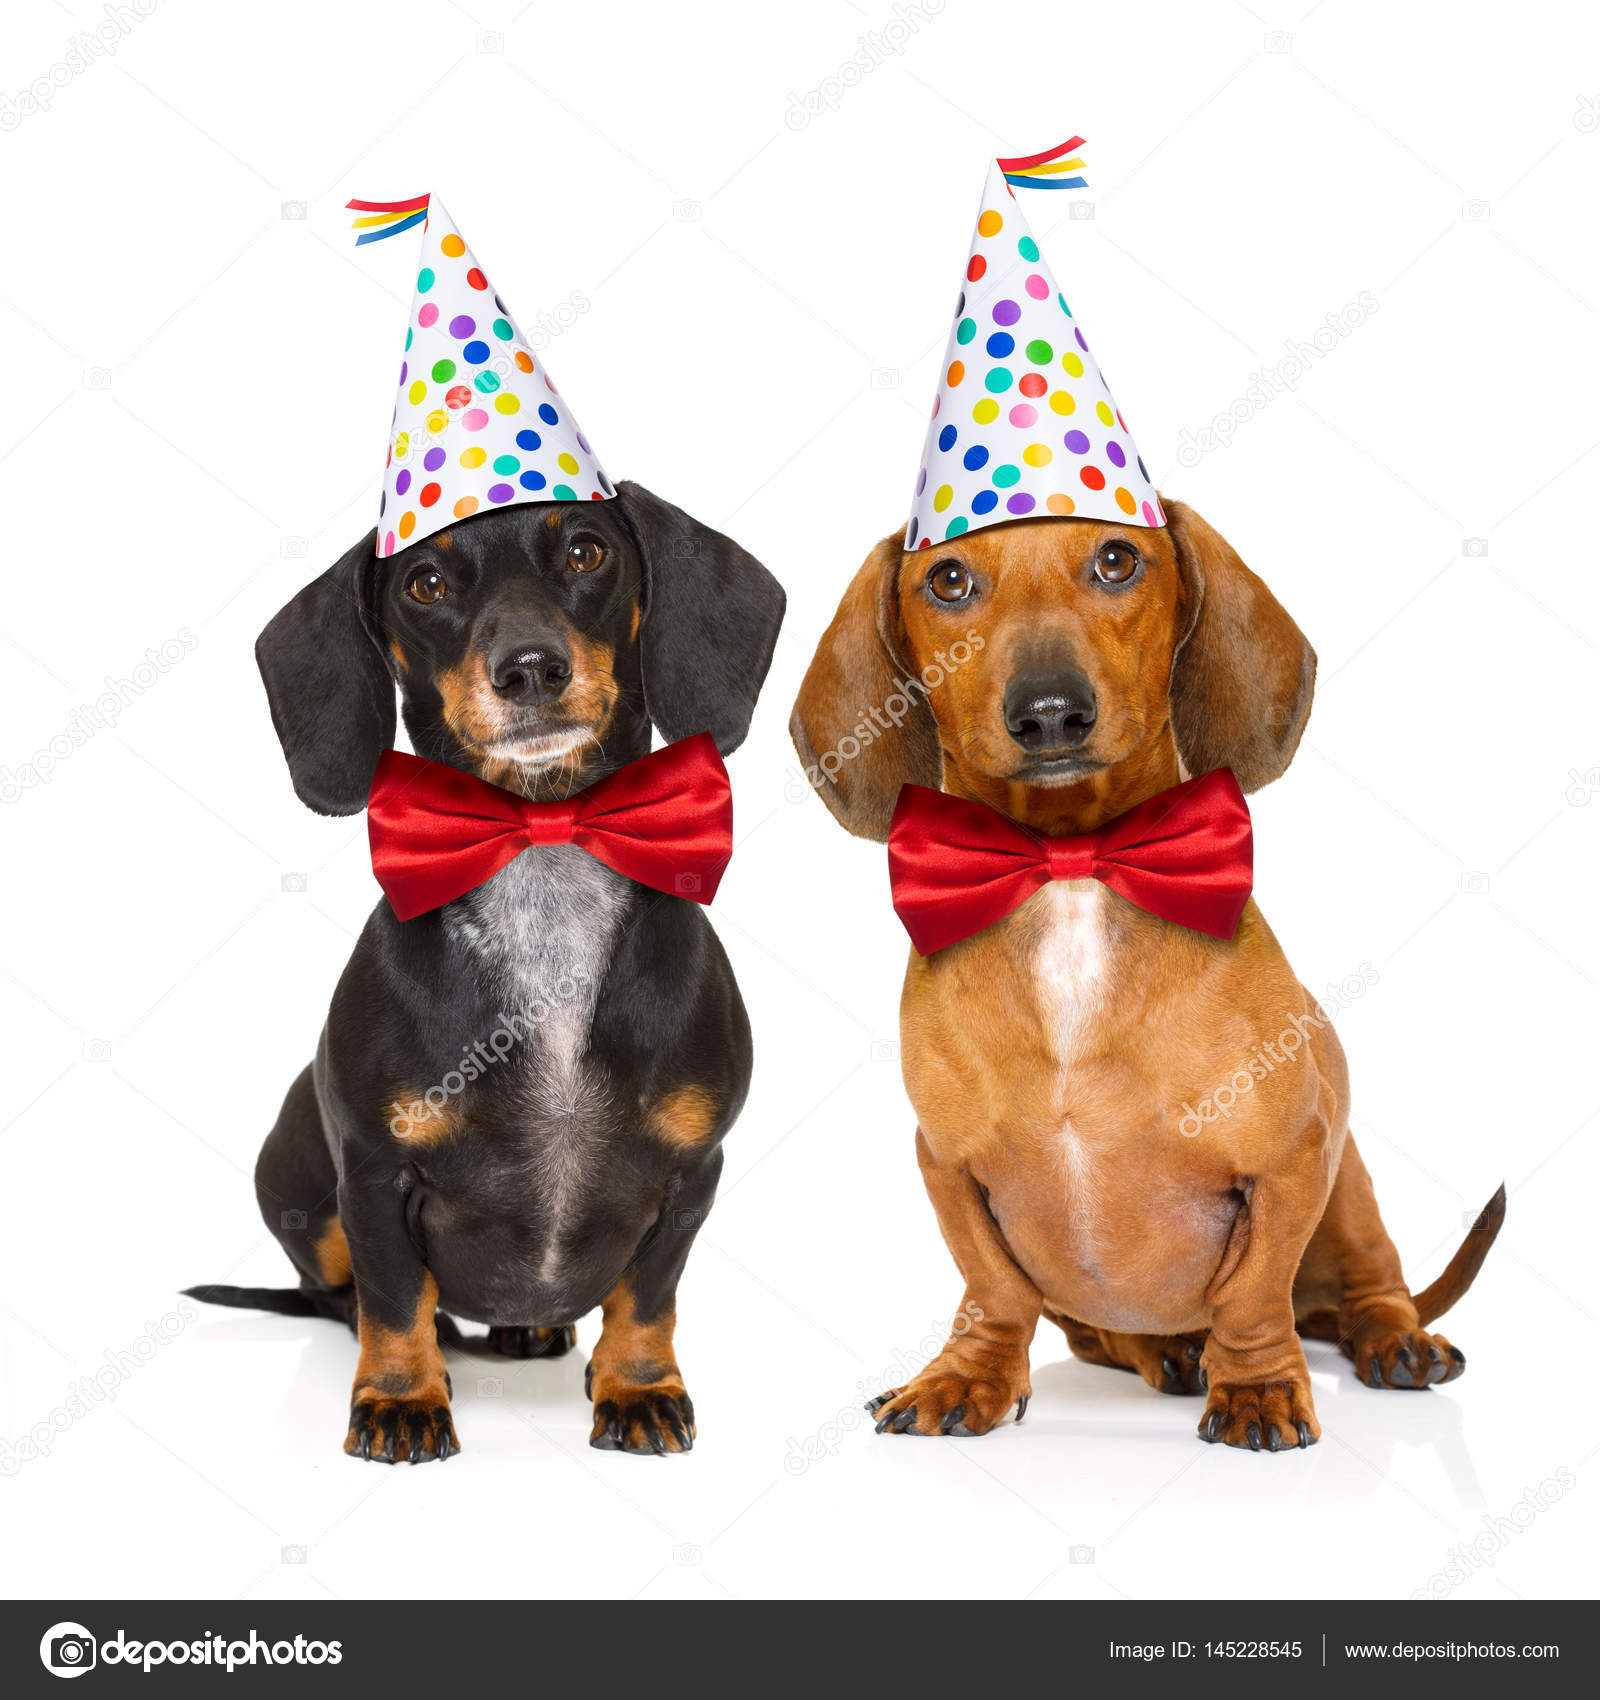 Několik dvou jezevčík nebo klobása psy hladoví po šťastné narozeninový dort  se svíčkami 43531f84ba